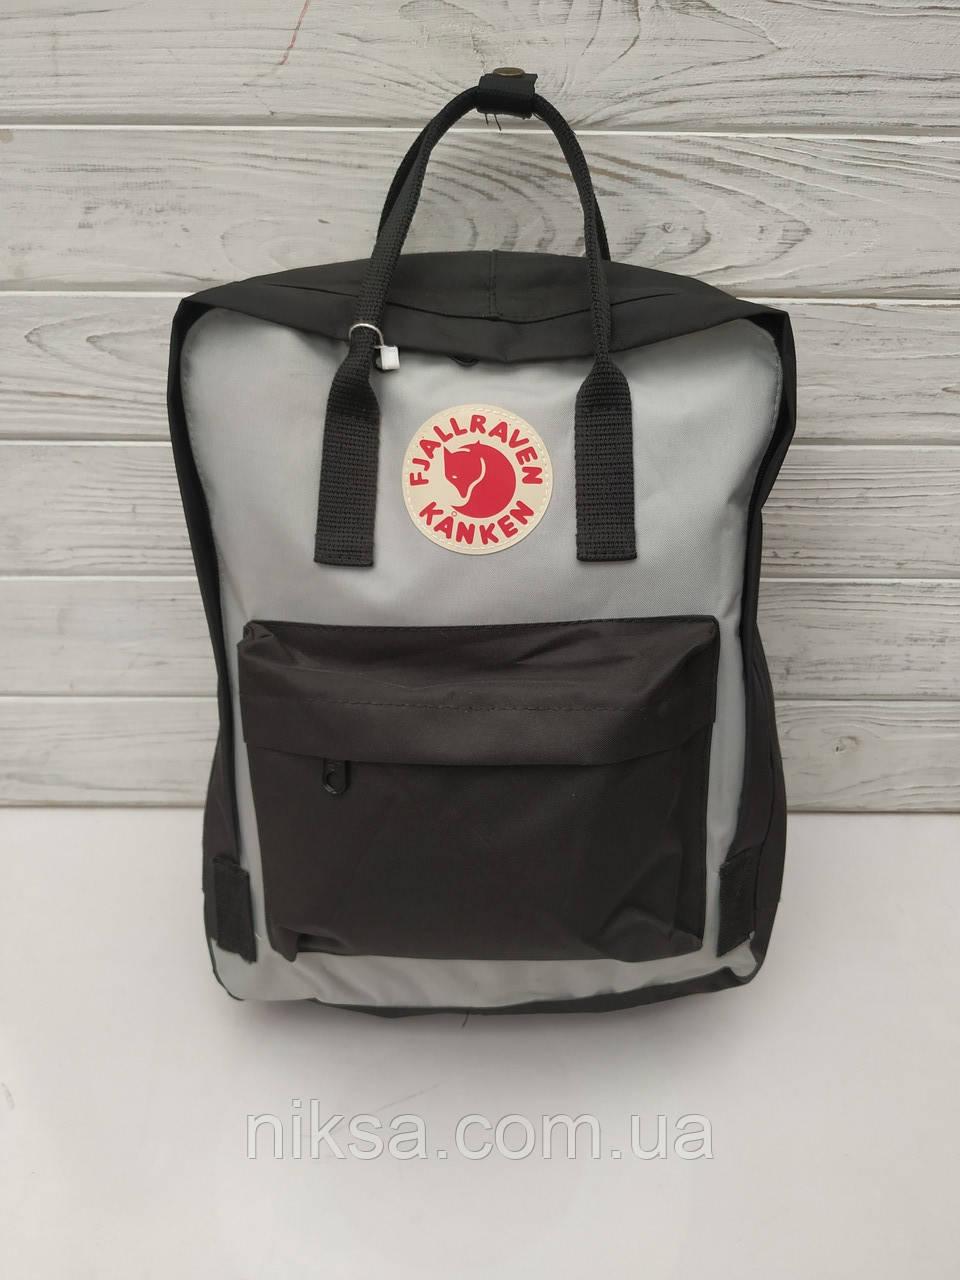 Городской рюкзак-сумка Канкен Kanken двухцветный Серый+Черный